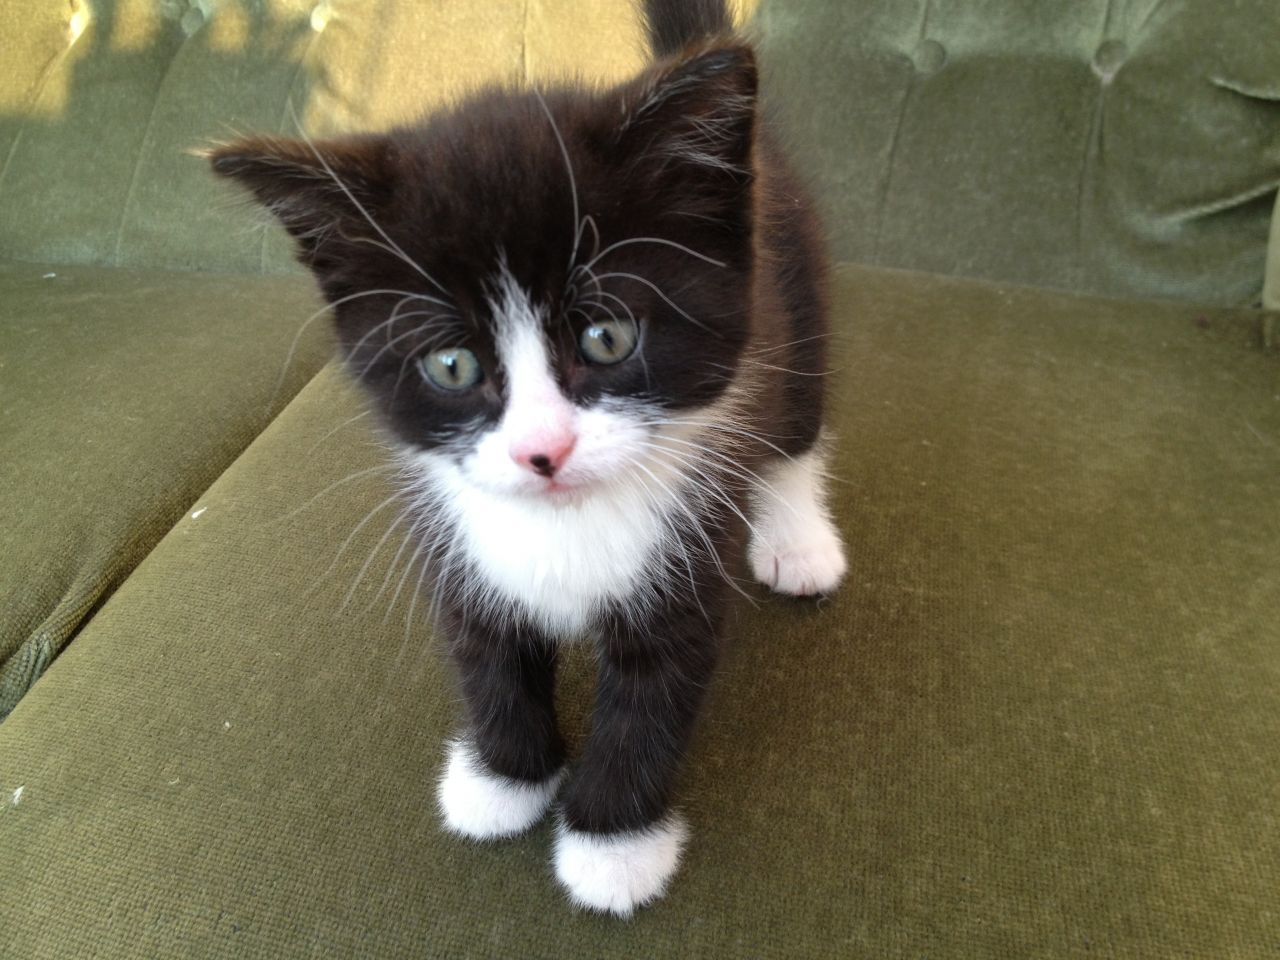 Little Kitten For Sale Kittens Cutest Baby Cutest Kittens Ever Kittens Cutest